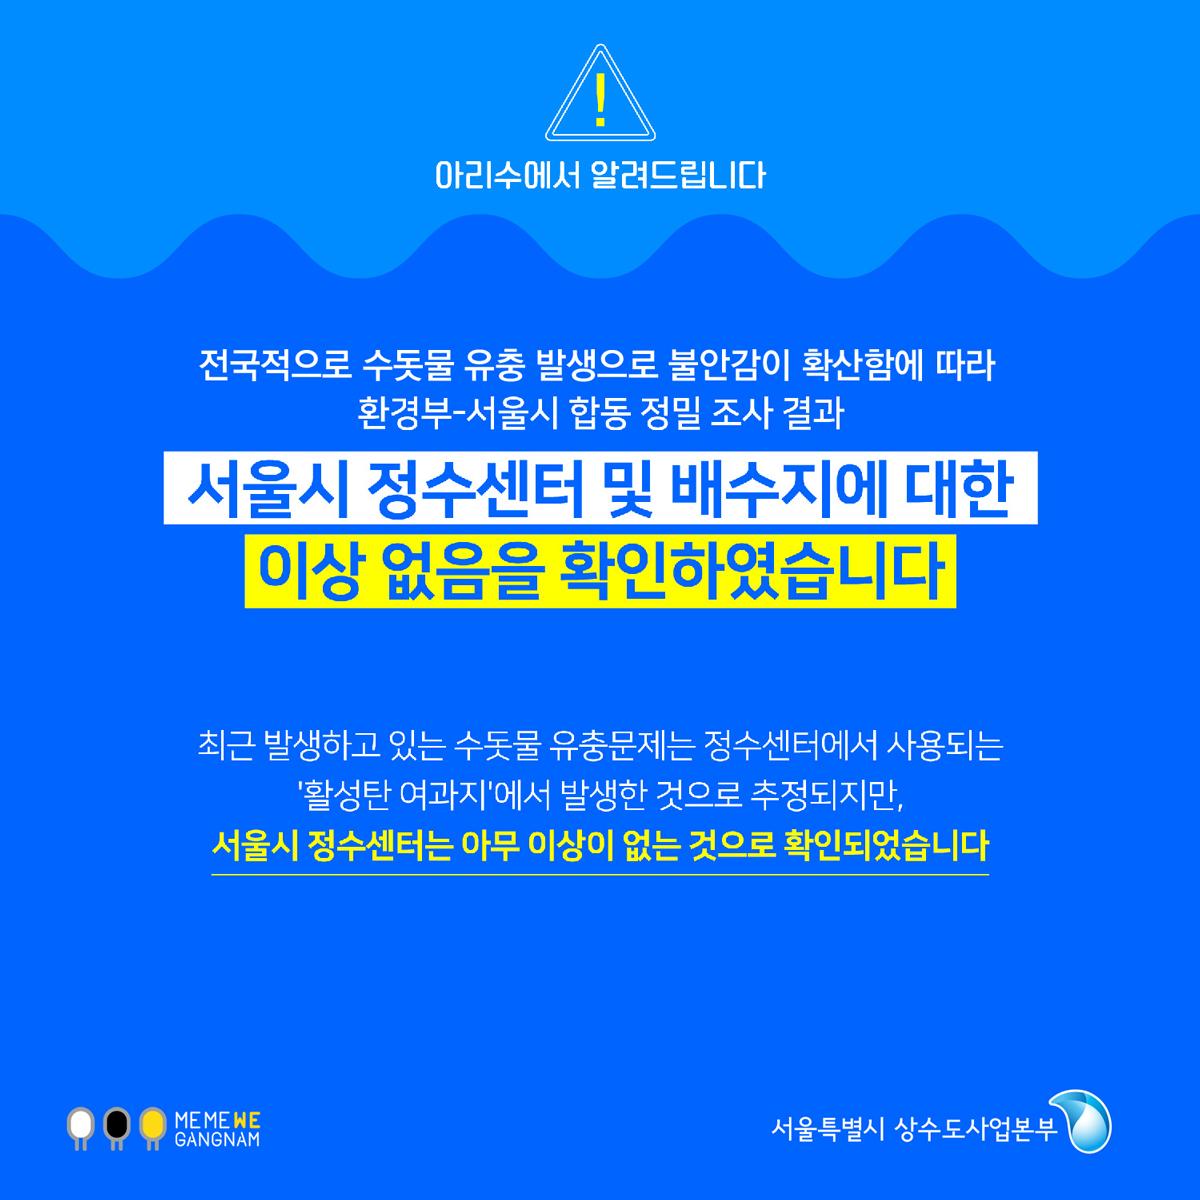 아리수에서 알려드립니다.  전국적으로 불안감이 확산함에 따라 환경부 - 서울시 합동 정밀 조사 결과  서울시 정수센터 및 배수지에 대한 이상 없음을 확인하였습니다.  최근 발생하고 있는 수돗물 유충문제는 정수센터에서 사용되는 '활성탄 여과지'에서 발생한 것으로 추정되지만, 서울시 정수센터는 아무 이상이 없는 것으로 확인되었습니다.